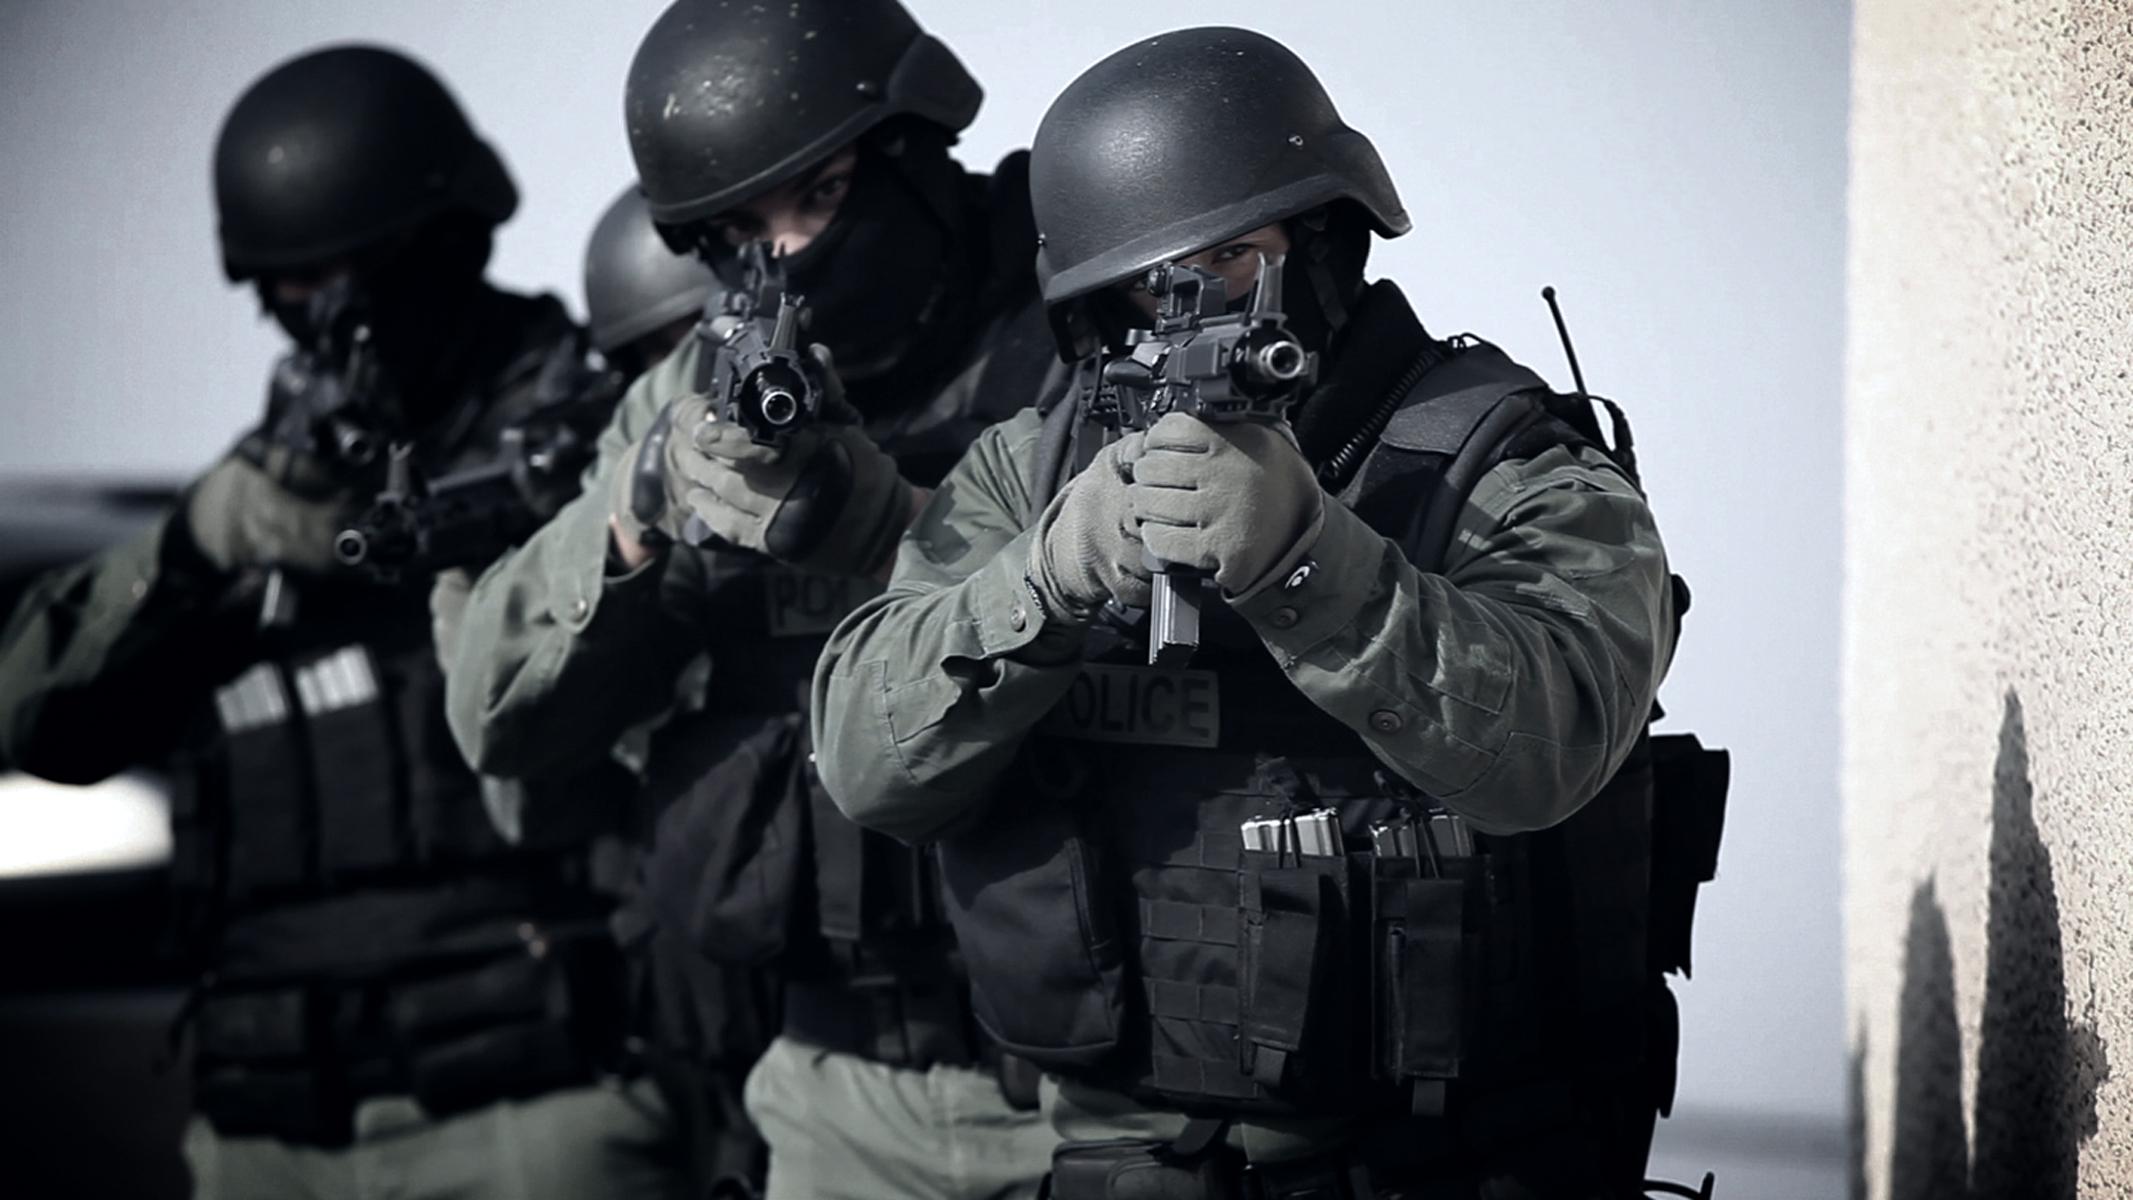 La Importancia De La Policia y SWAT   Taringa 2133x1200